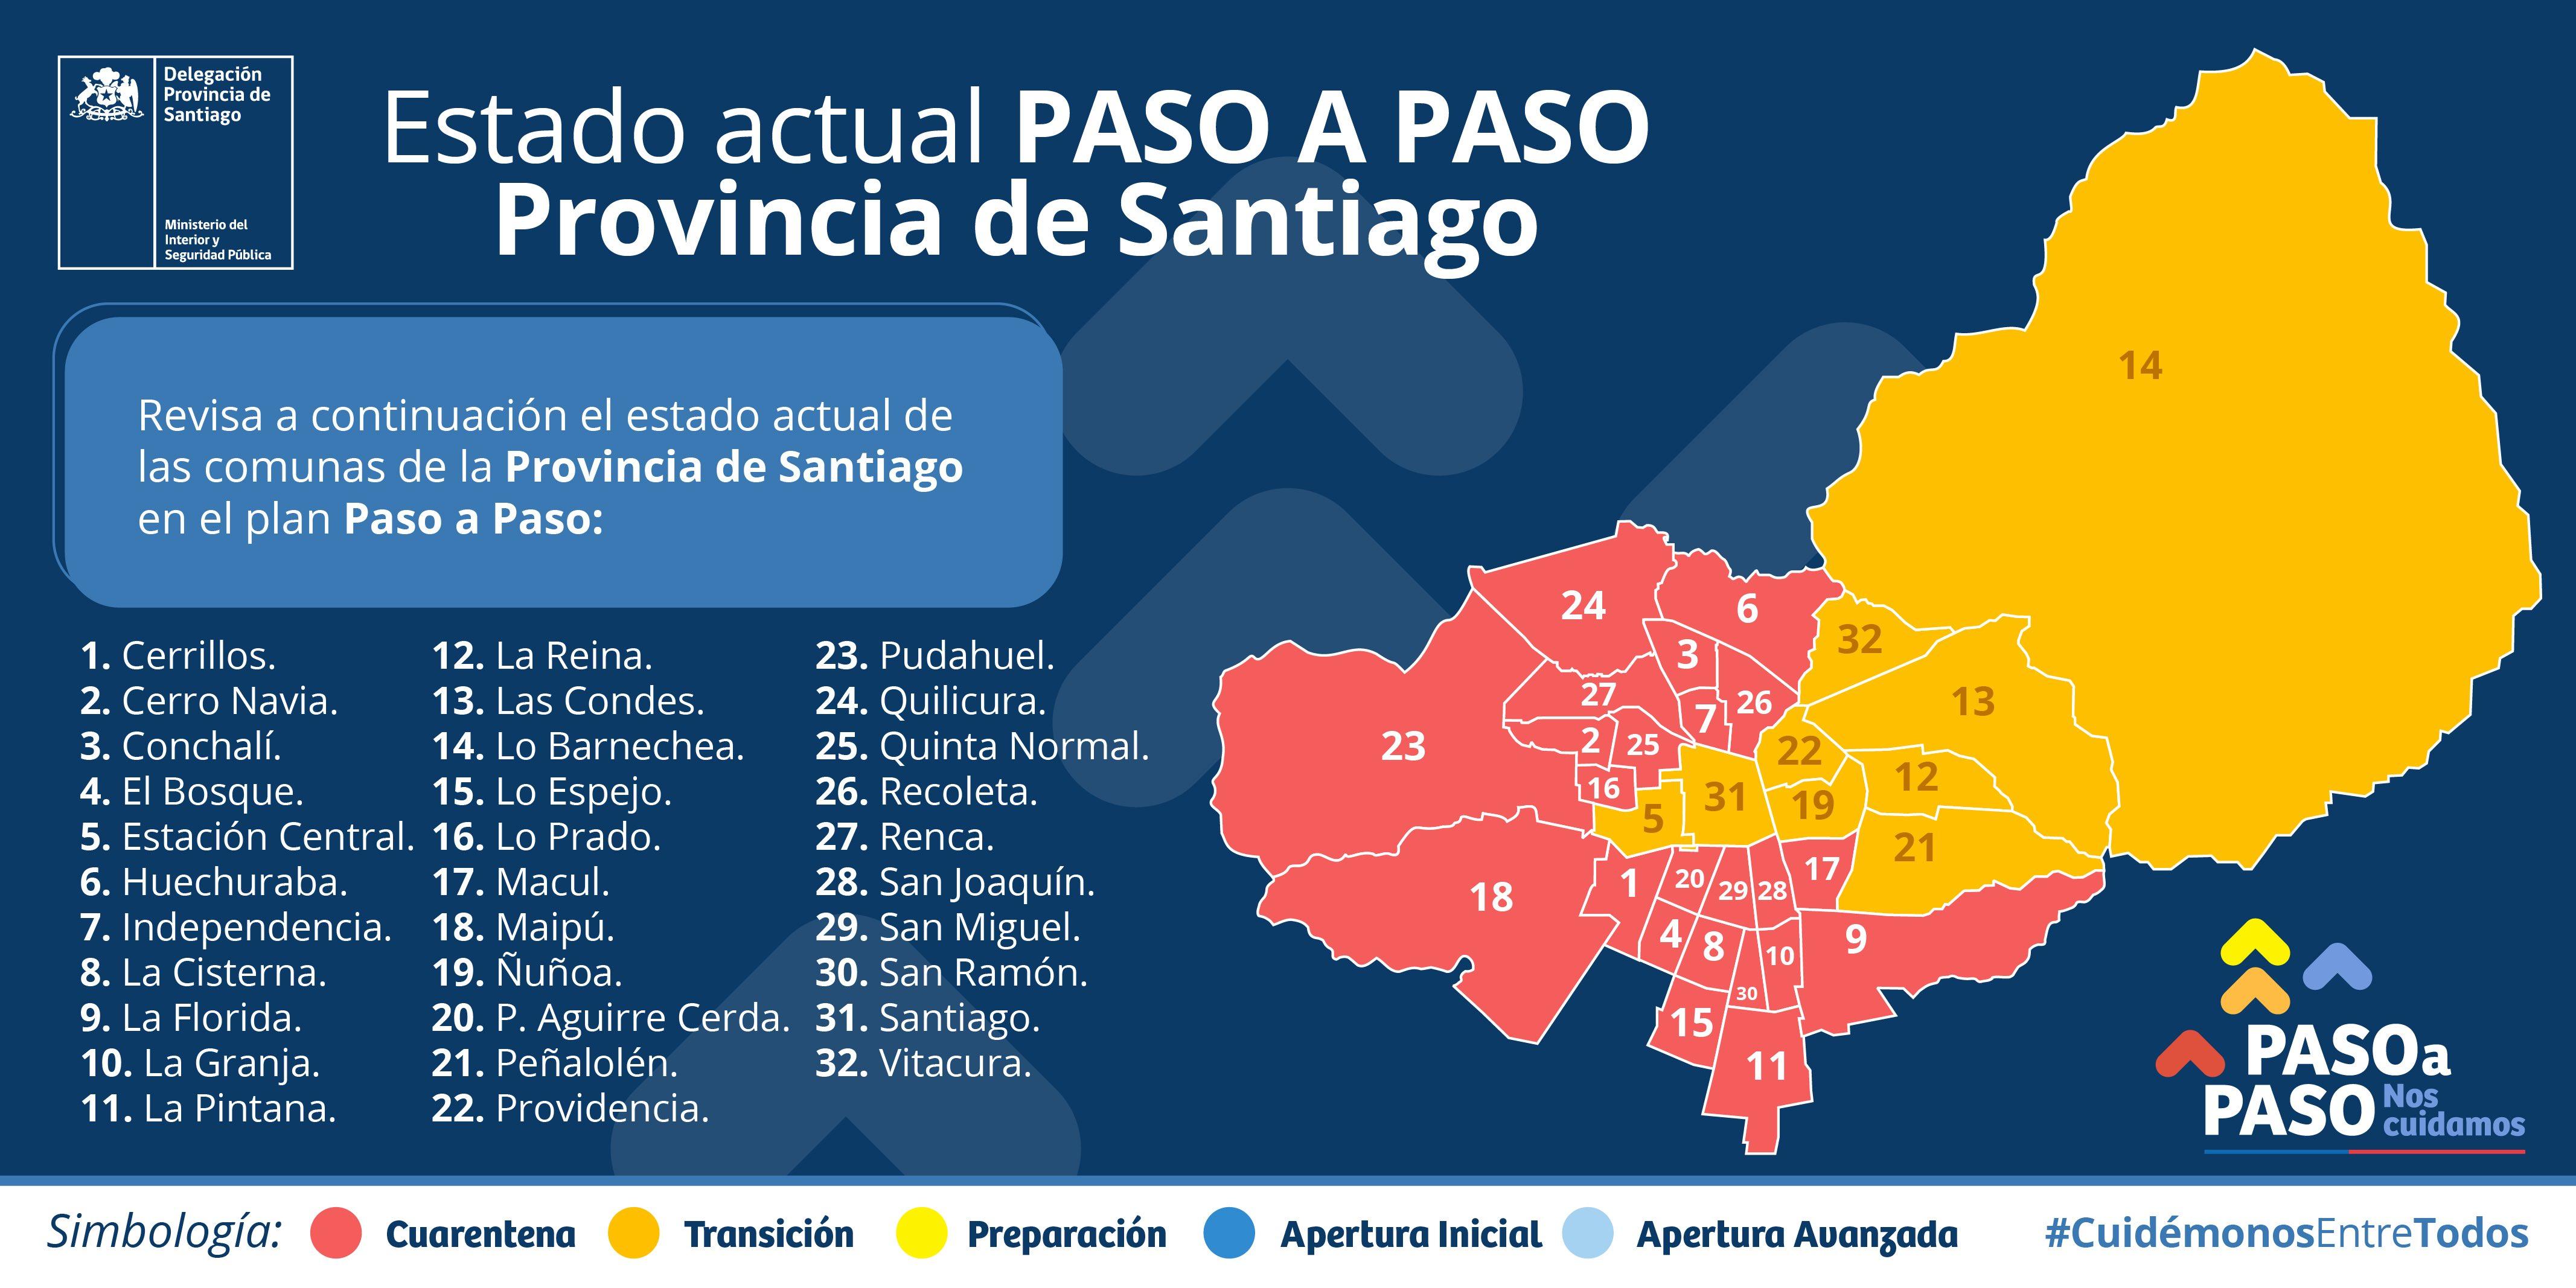 Penalolen Avanzara Al Paso 2 De Transicion Y Se Retrasa Inicio De Toque De Queda A Nivel Nacional Delegacion Provincial De Santiago